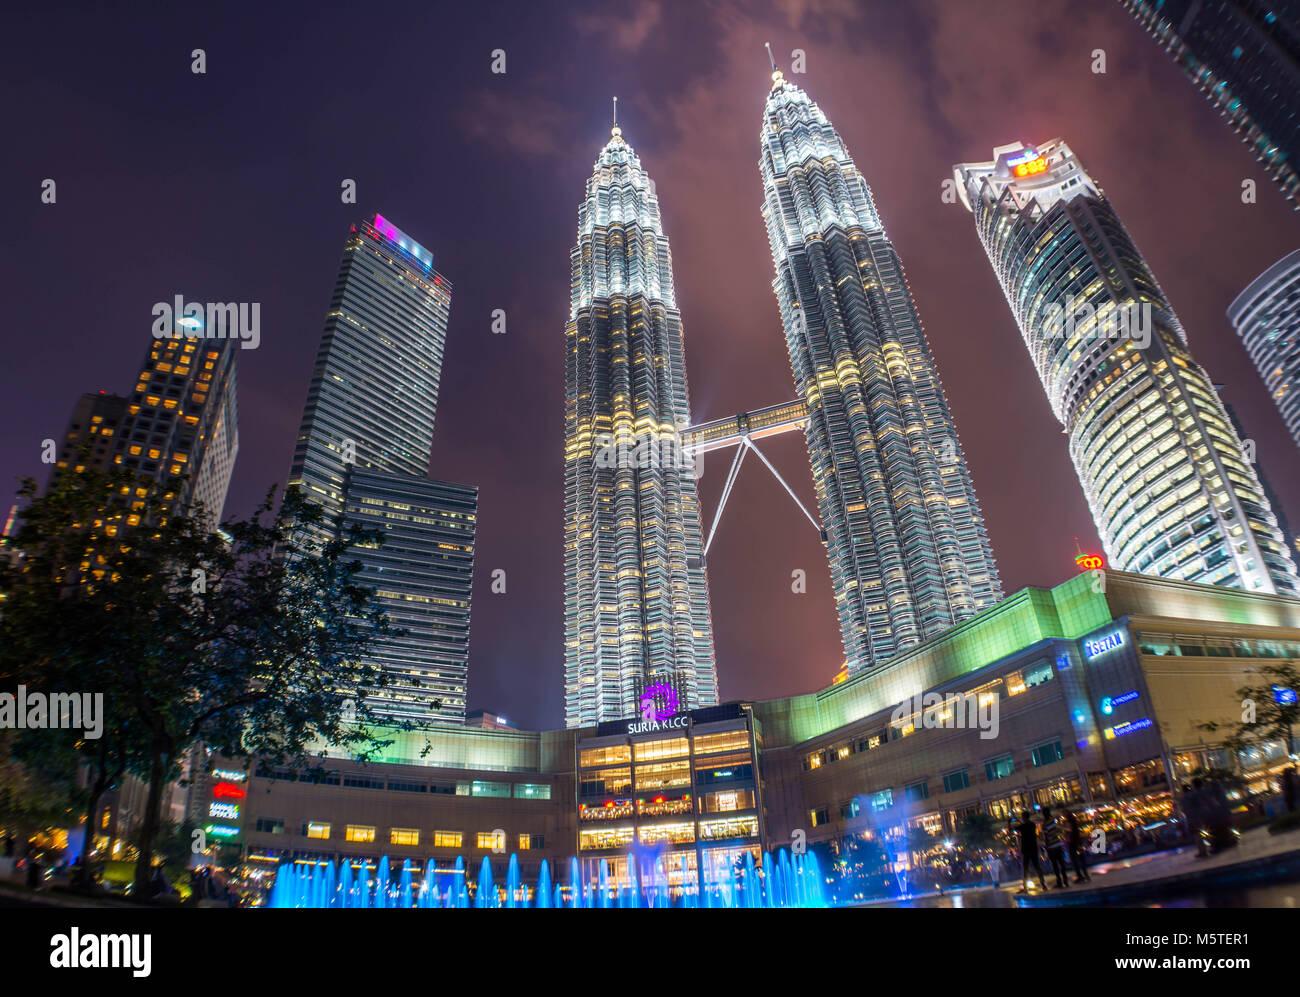 Kuala Lumpur - Petronas Towers KLCC Park - Malaysia - Stock Image